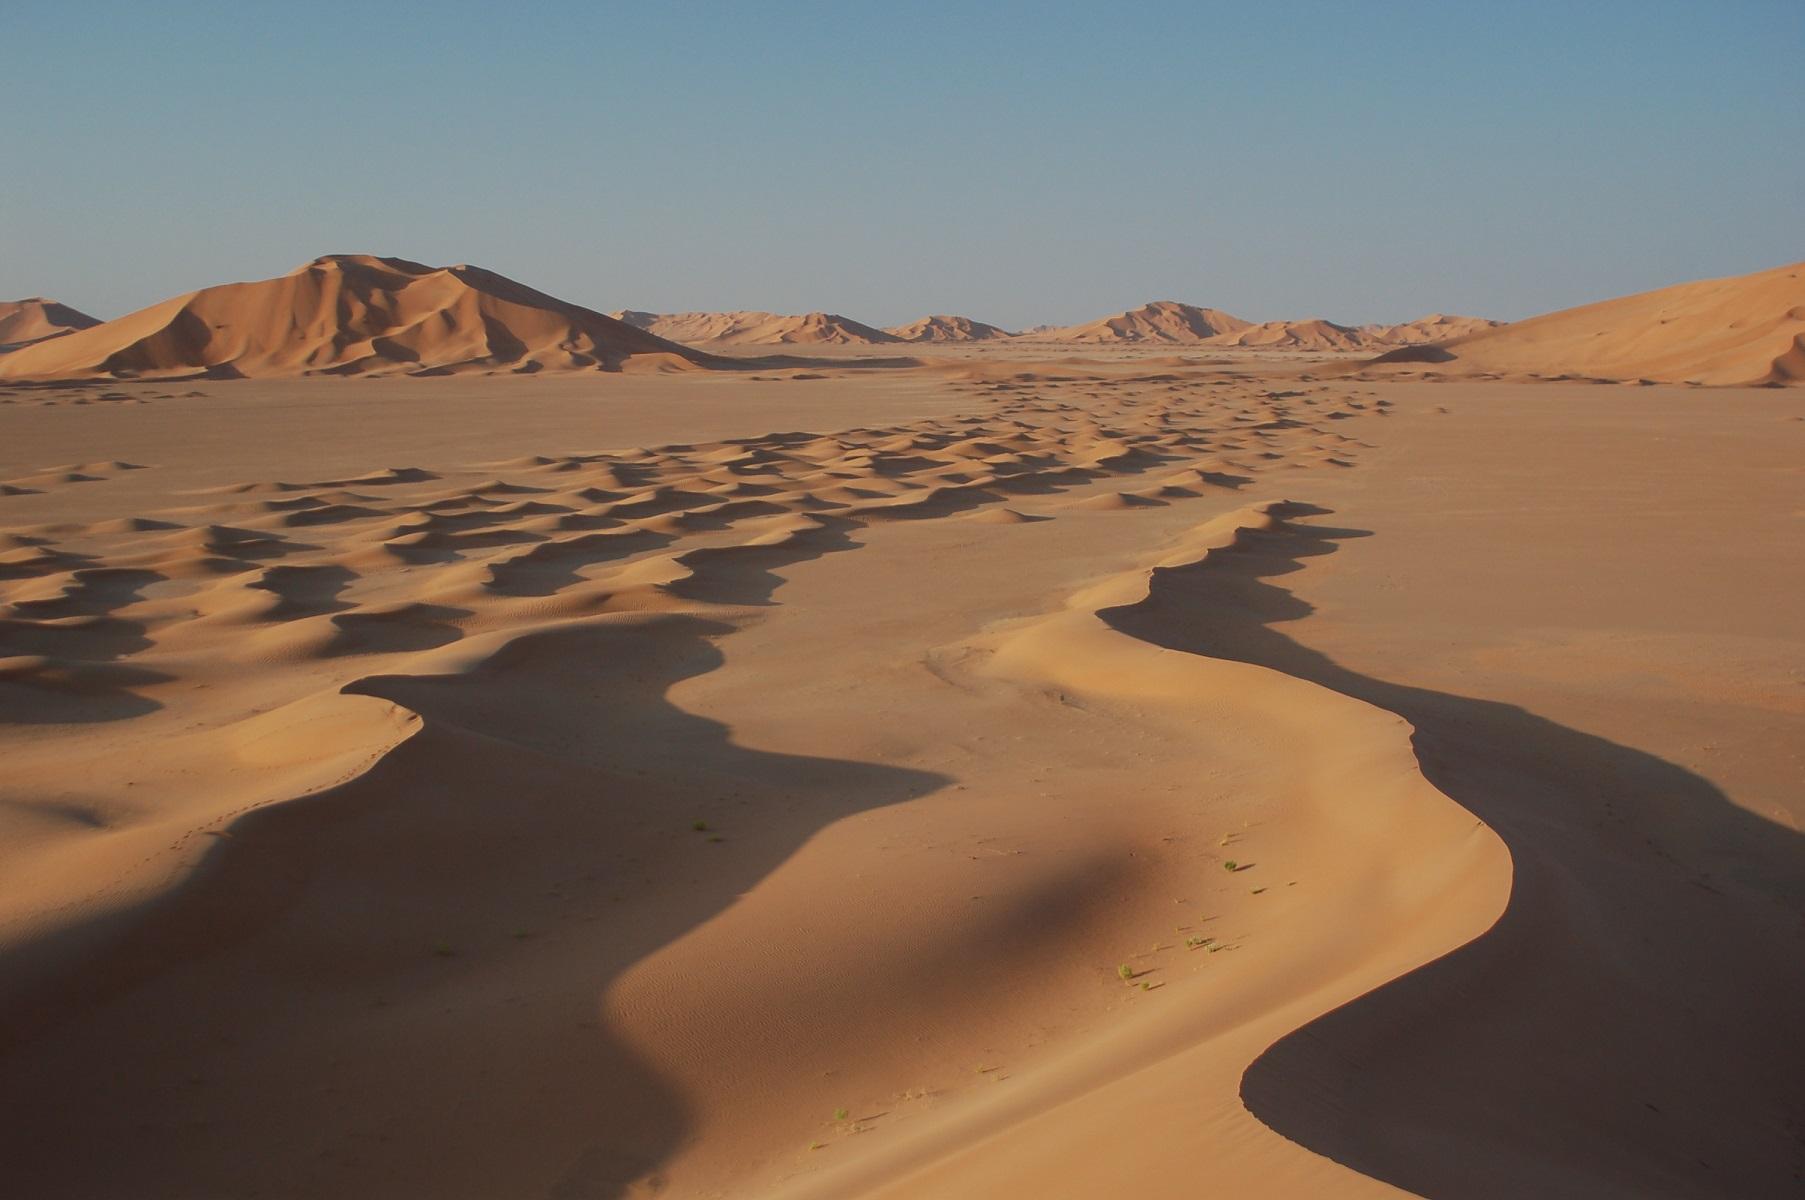 Oman - Beim Sonnenaufgang steht die Sonne tief und hebt die Konturen malerisch ab.